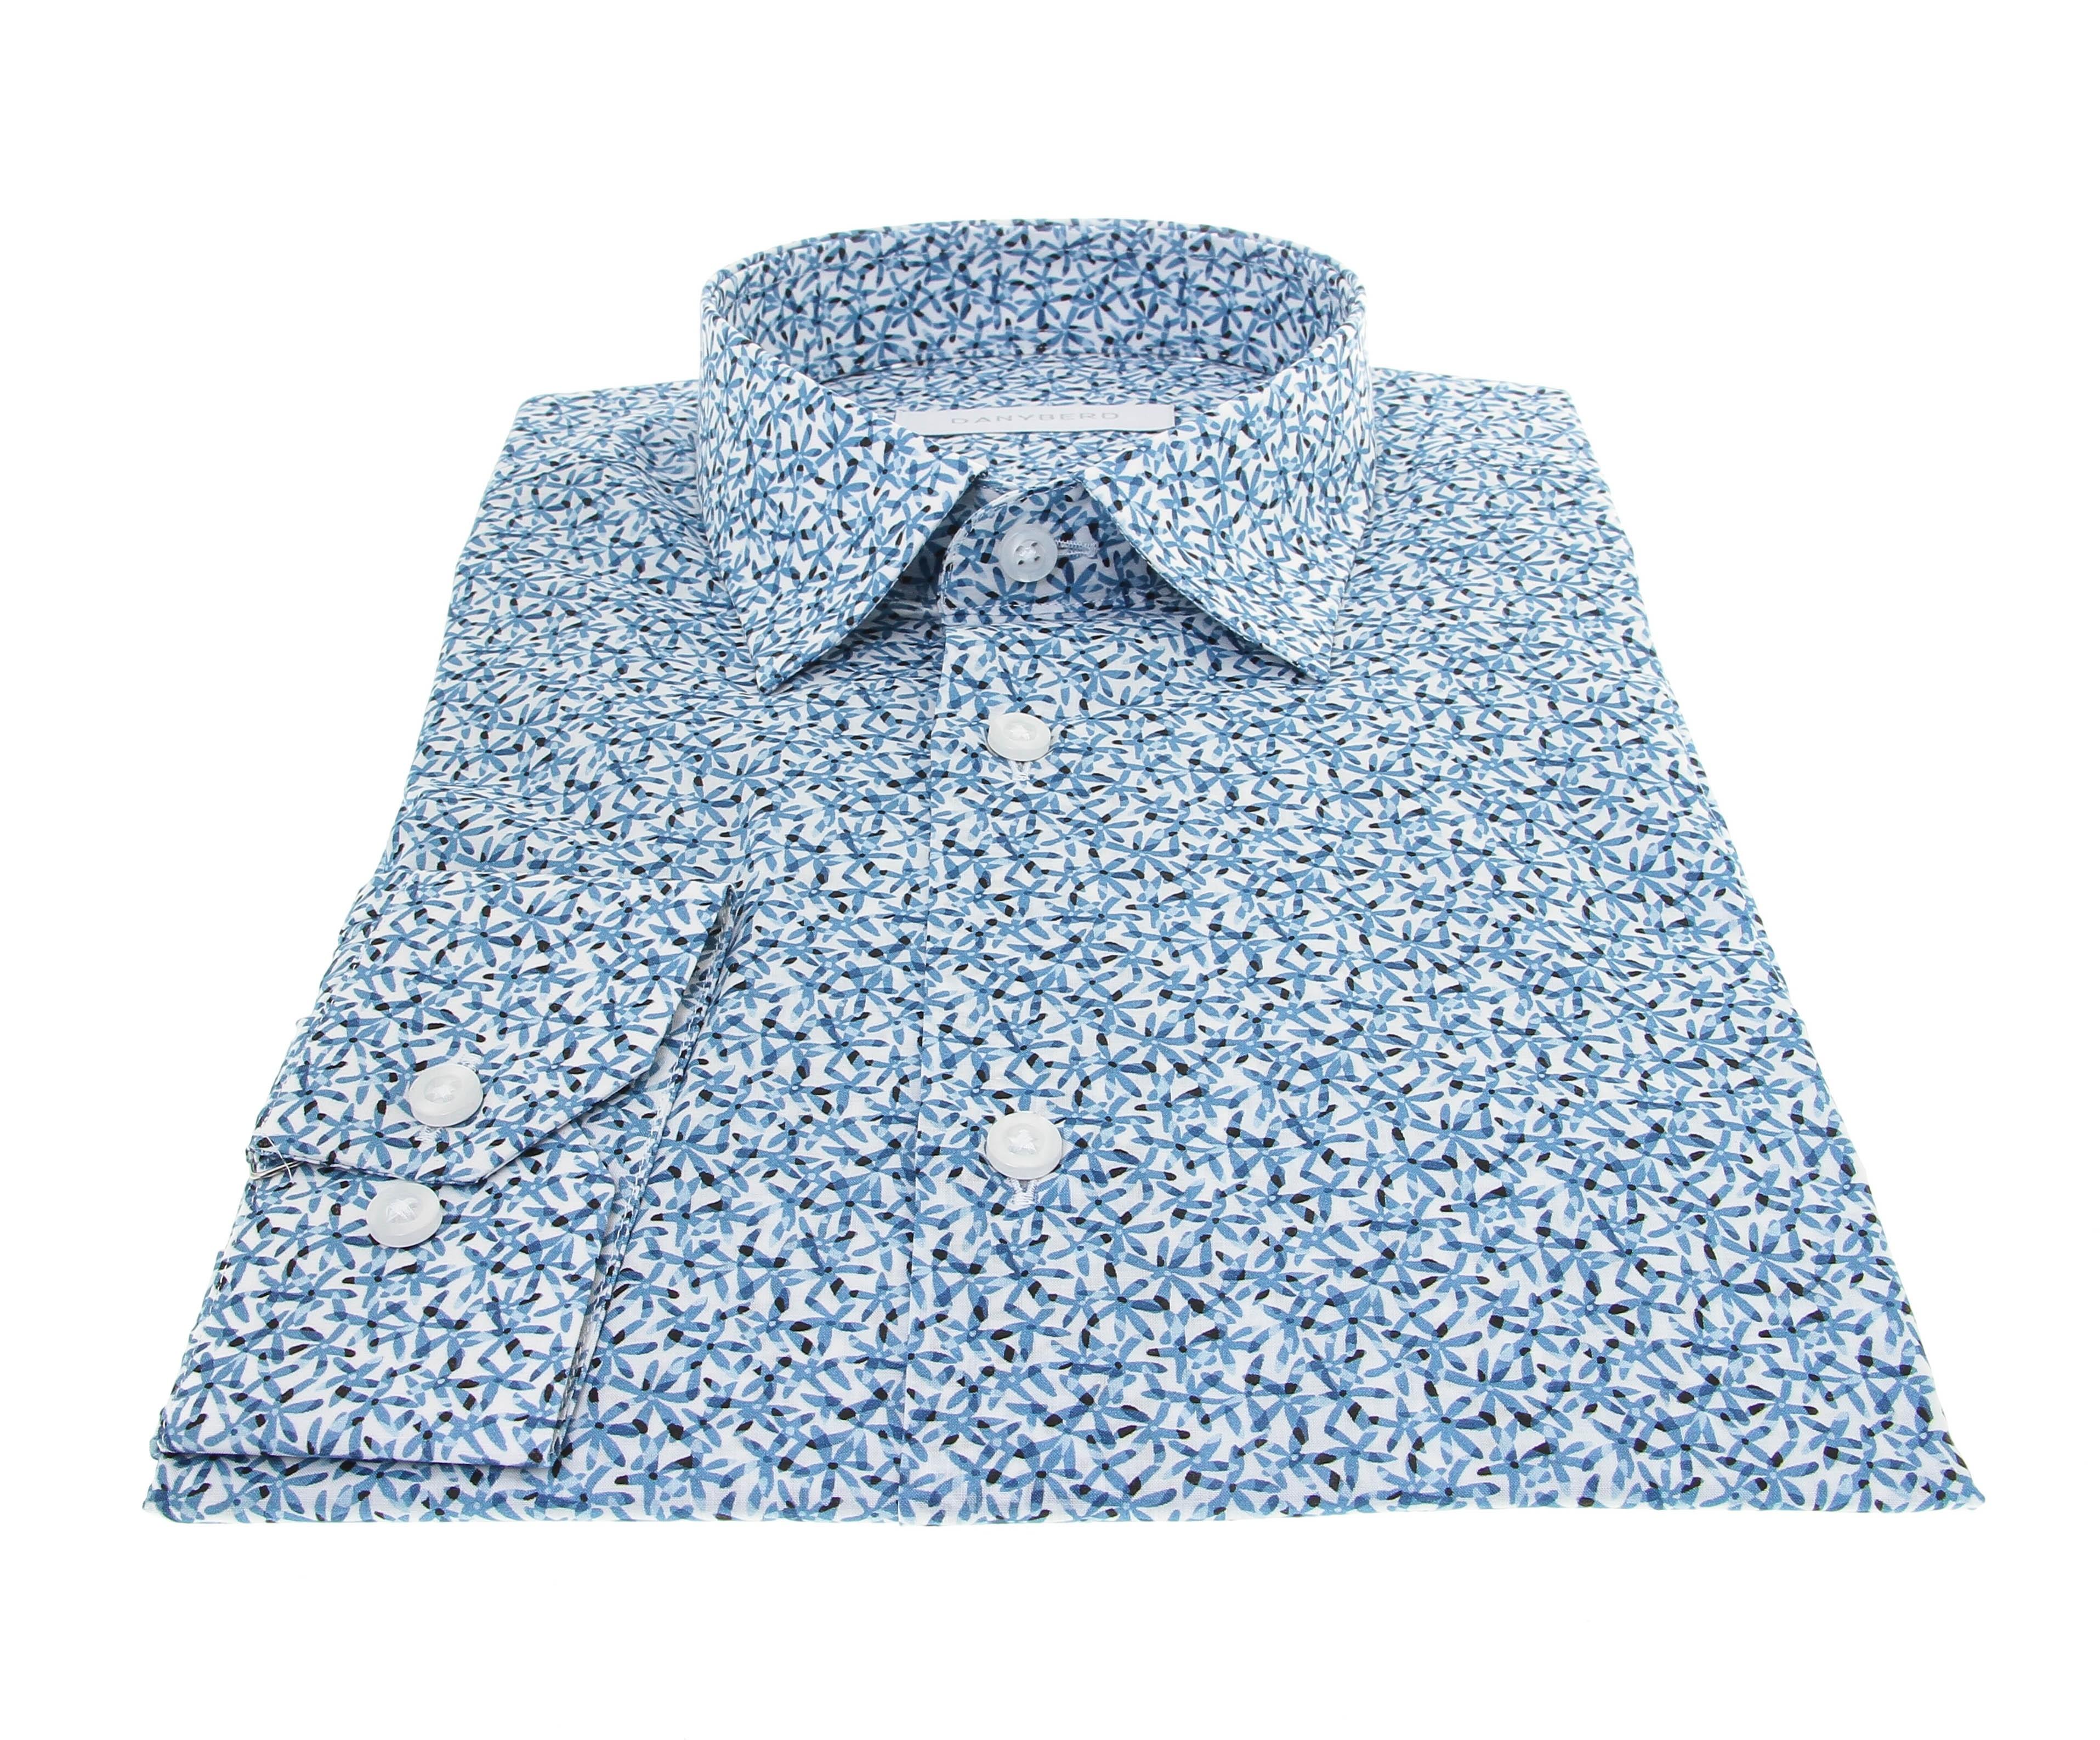 Chemise Summer : Blanc - Motif bleu ciel - Petit col français